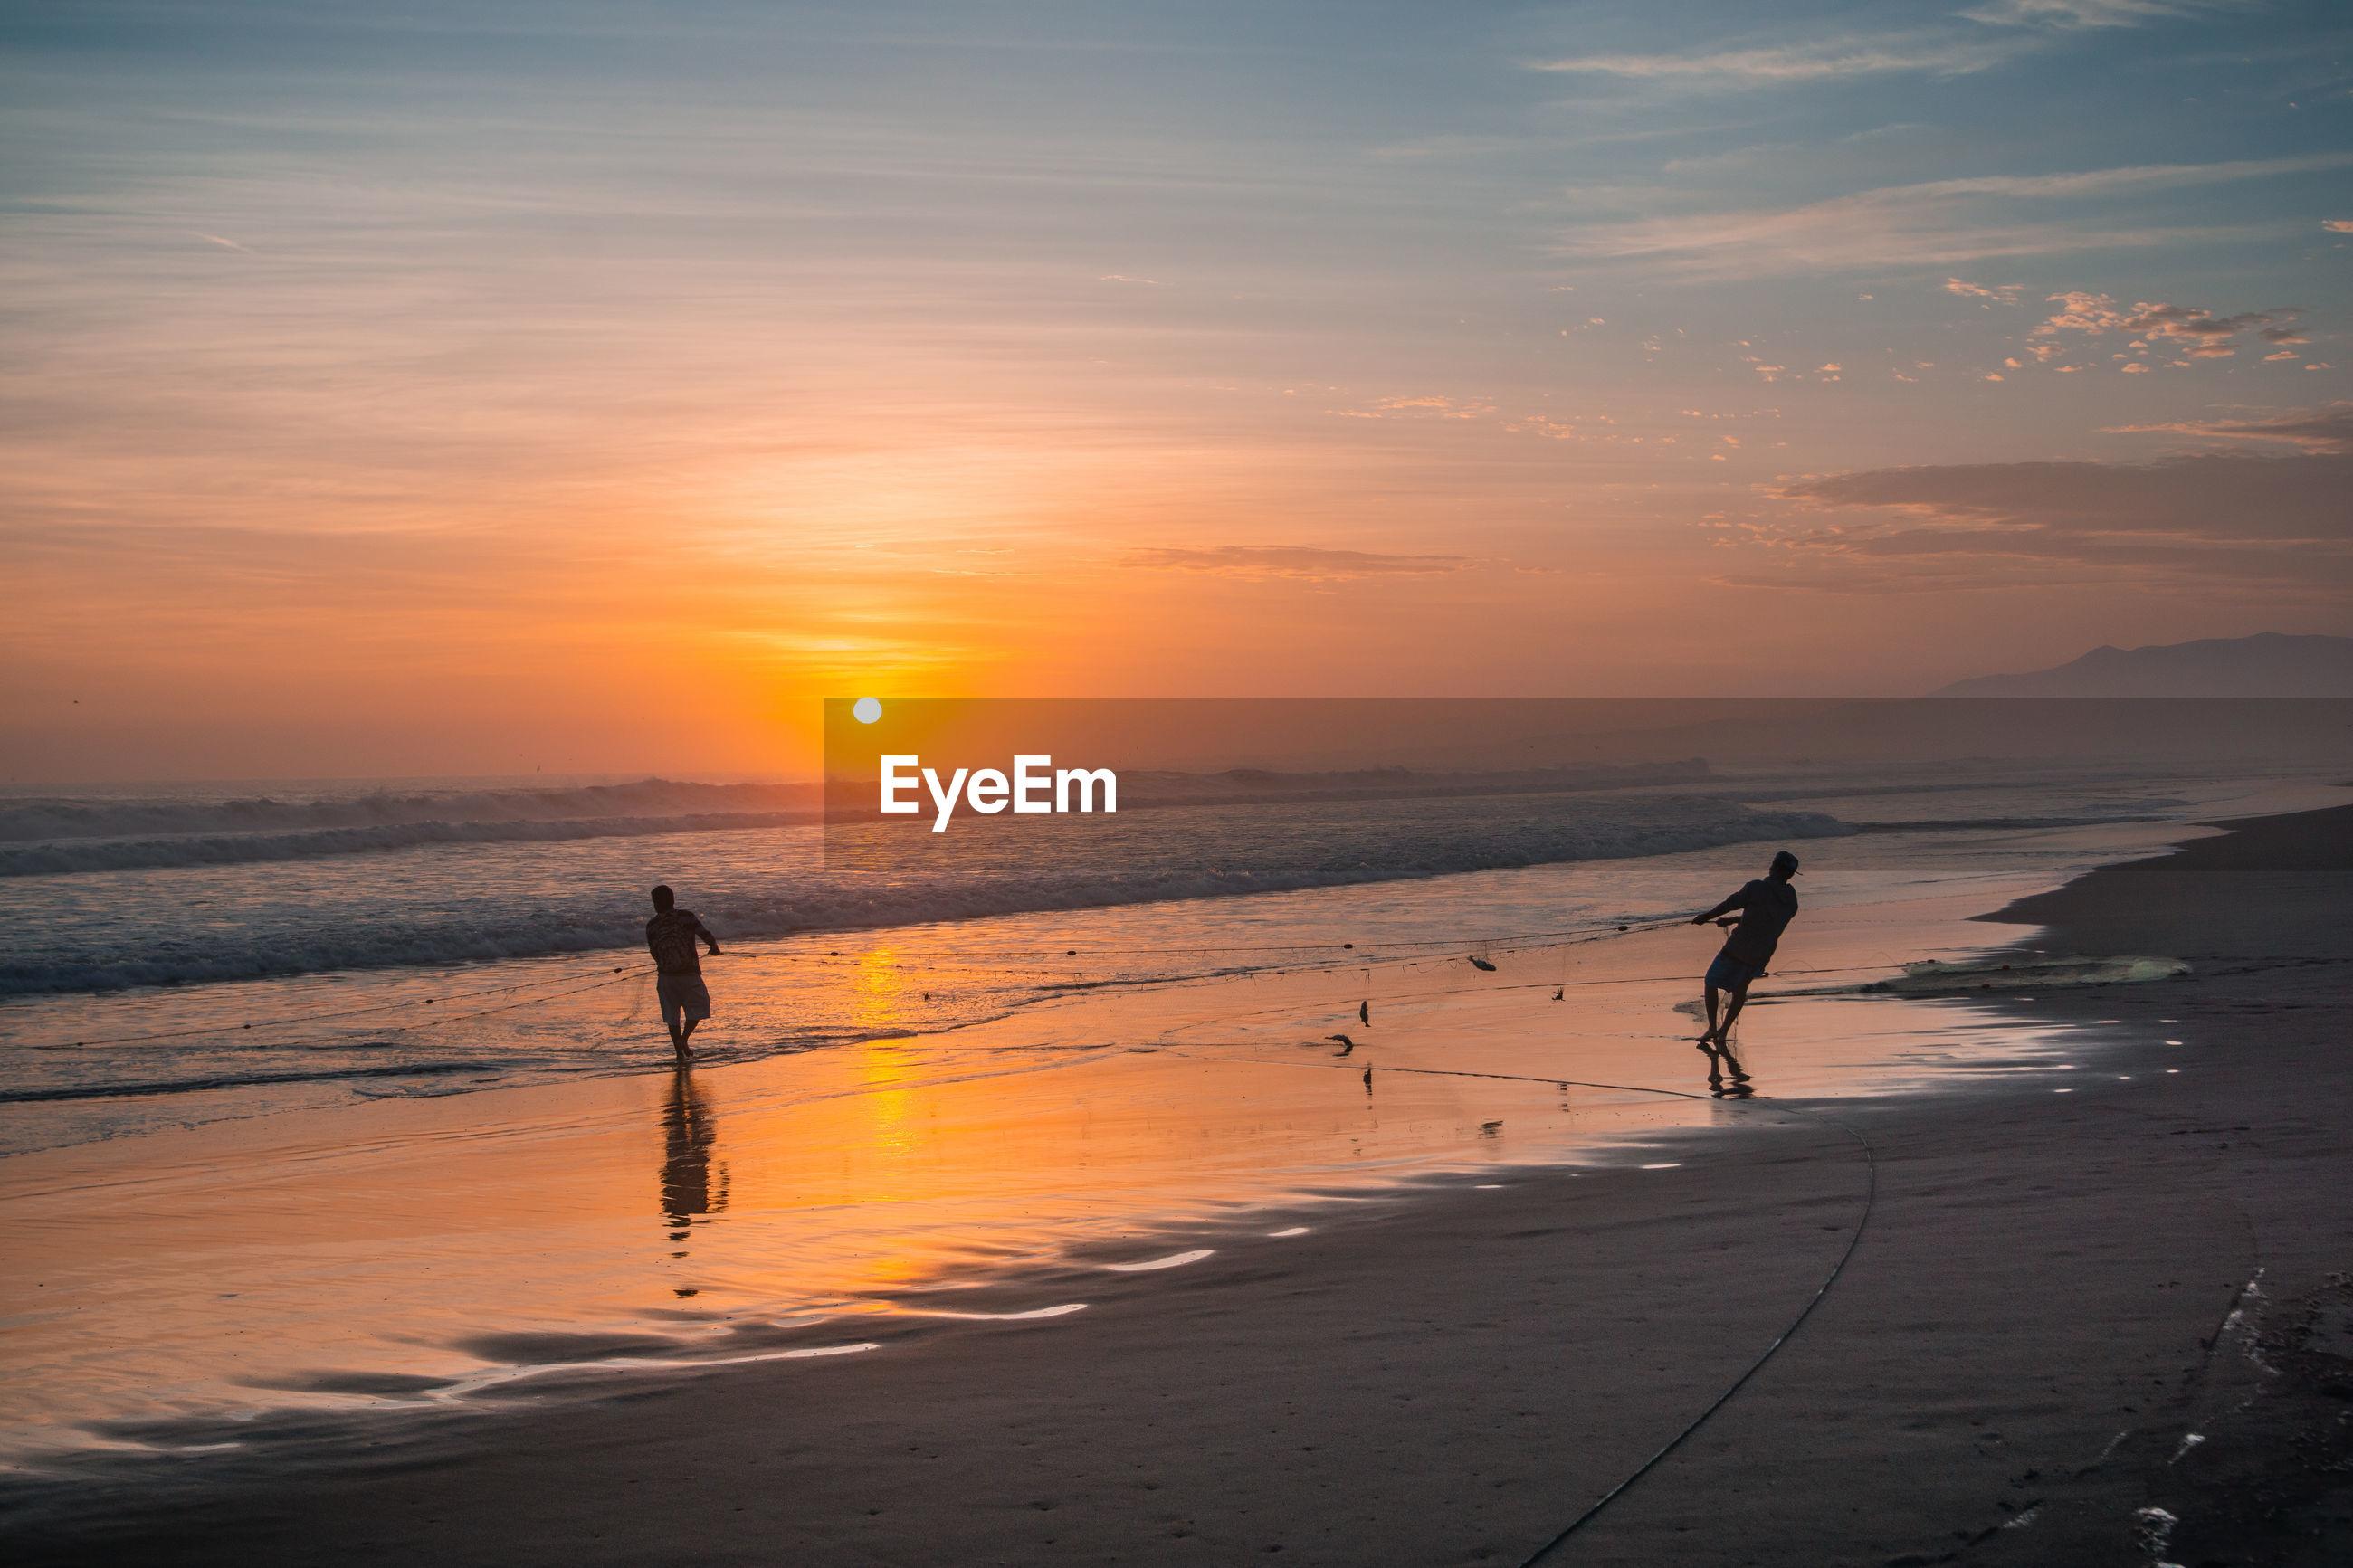 Silhouette fishermen fishing on shore at beach against orange sky